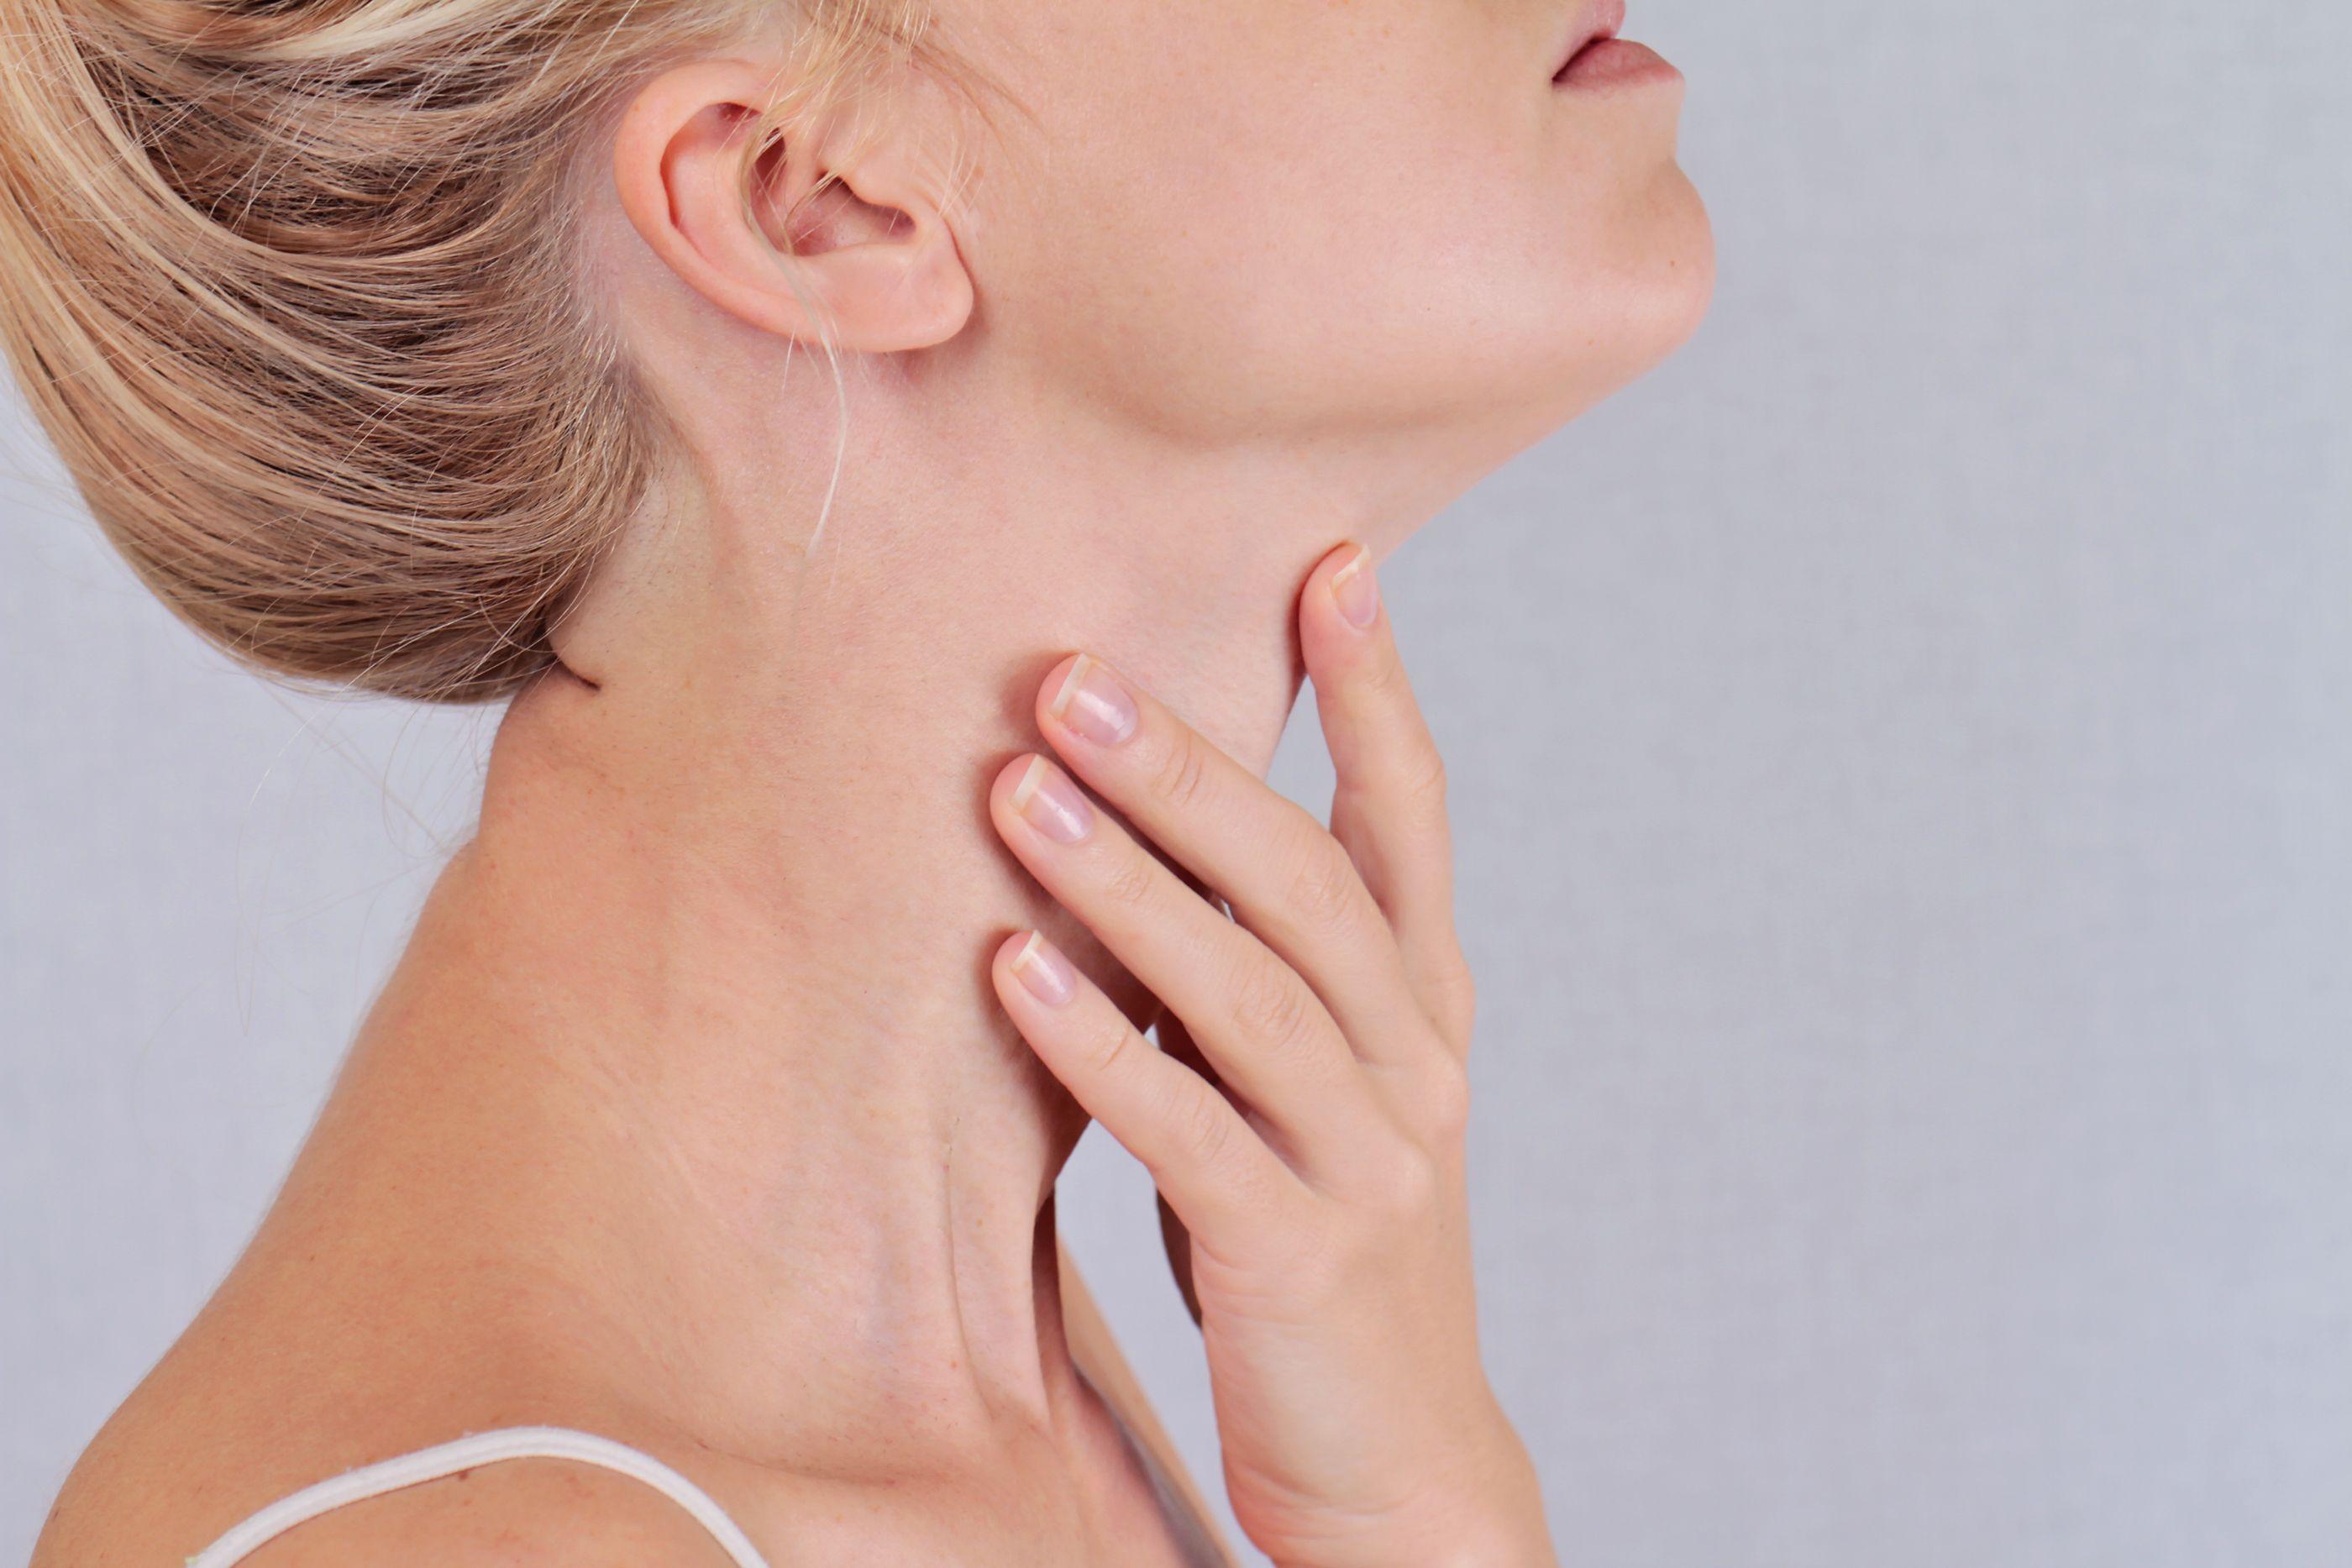 Comment prendre soin de ses cheveux lorsqu'on souffre d'insuffisance thyroïdienne?